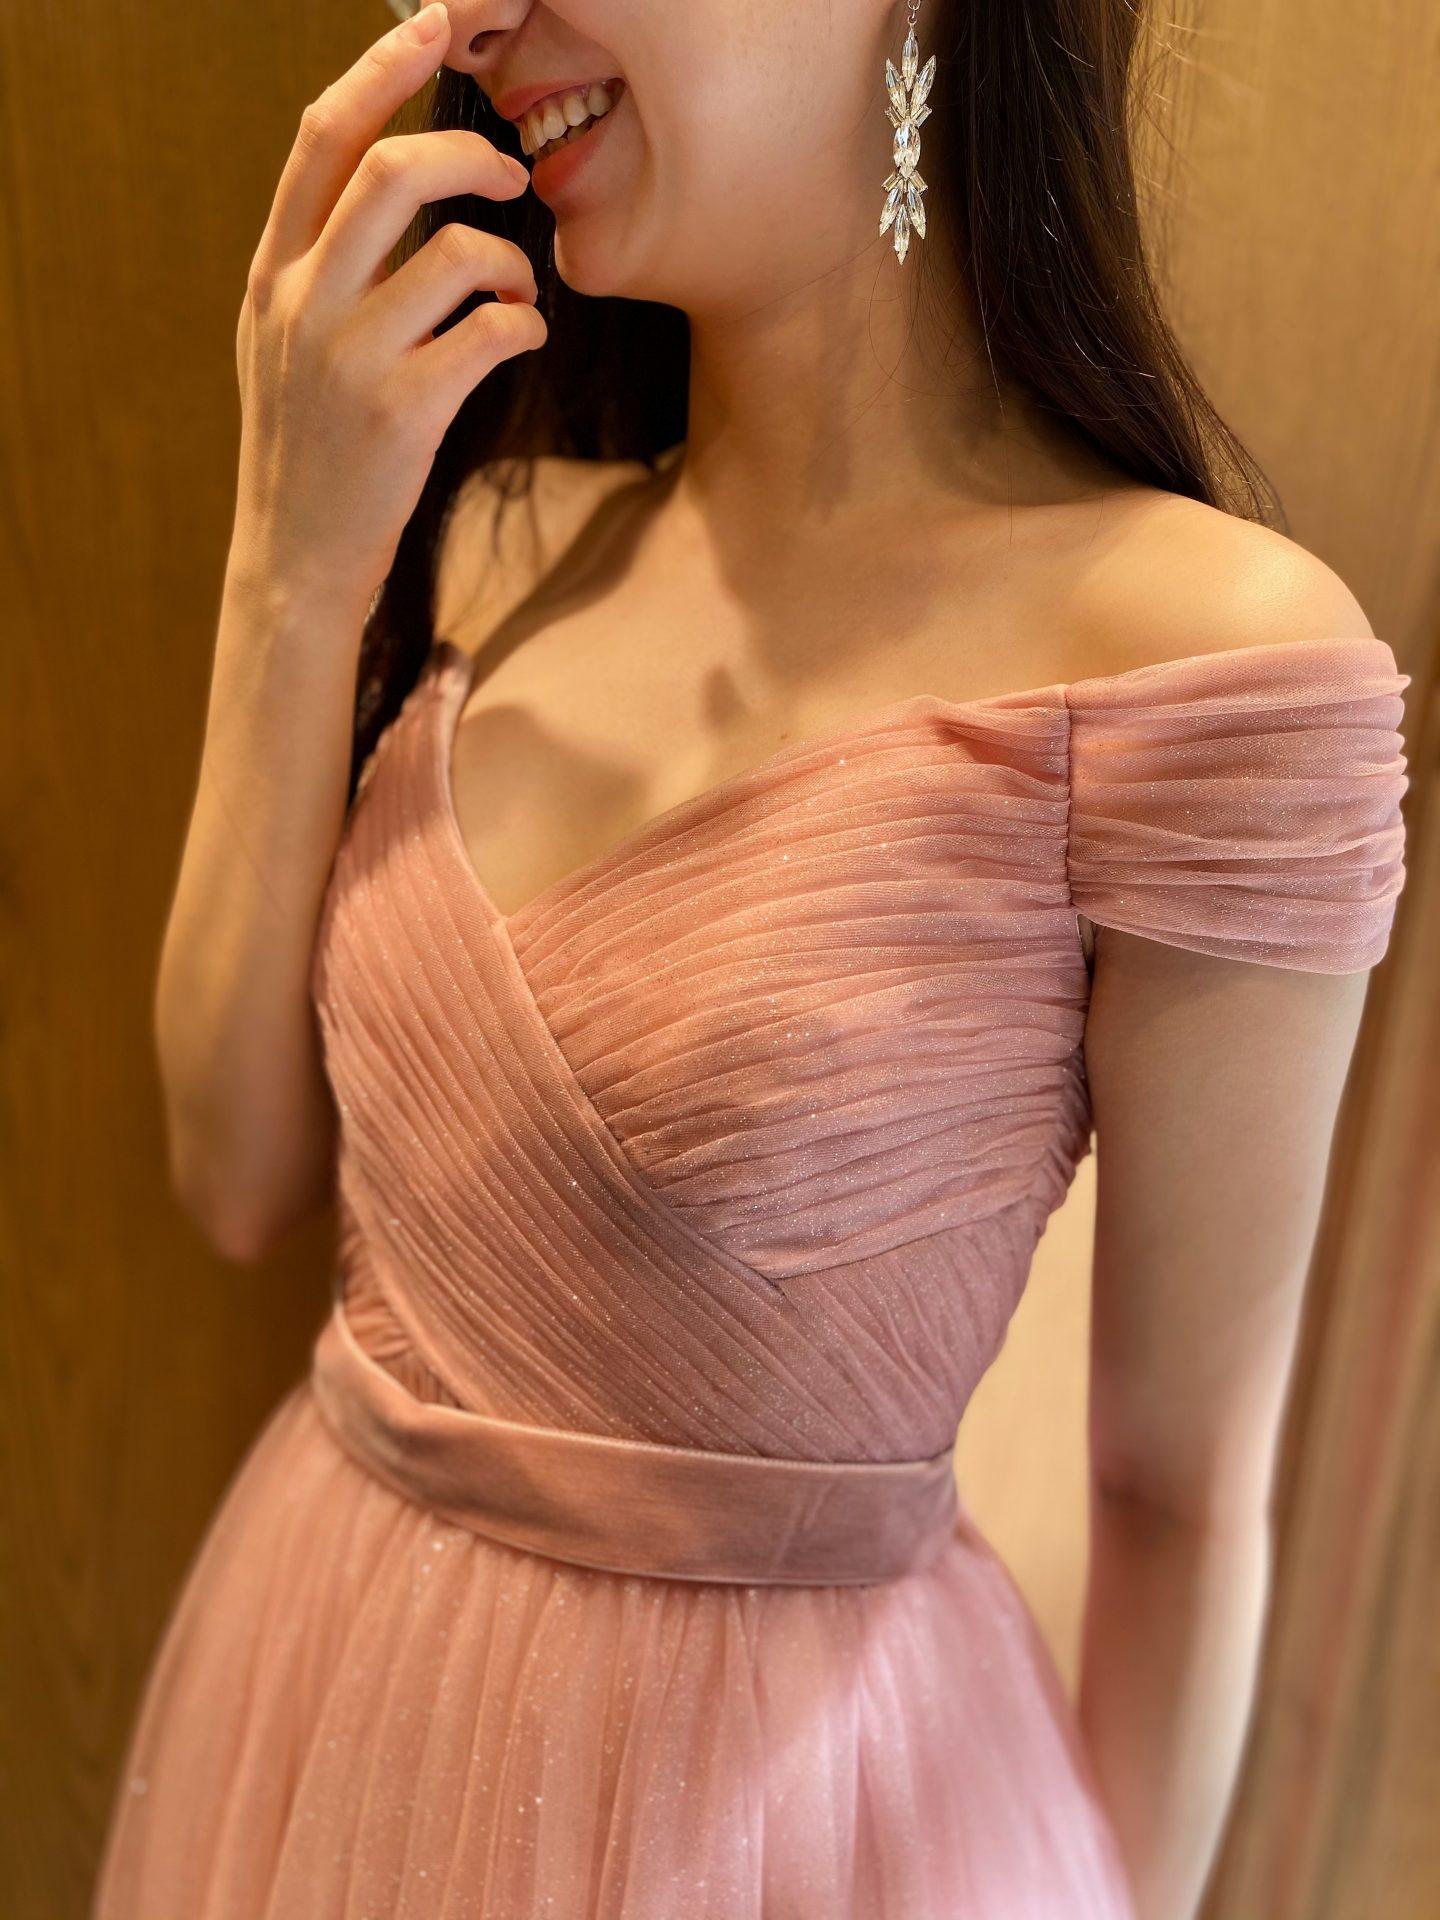 THE TREAT DRESSING 大阪店(ザ・トリート・ドレッシング・大阪店)でおすすめの新作のオフショルダーのカラードレス